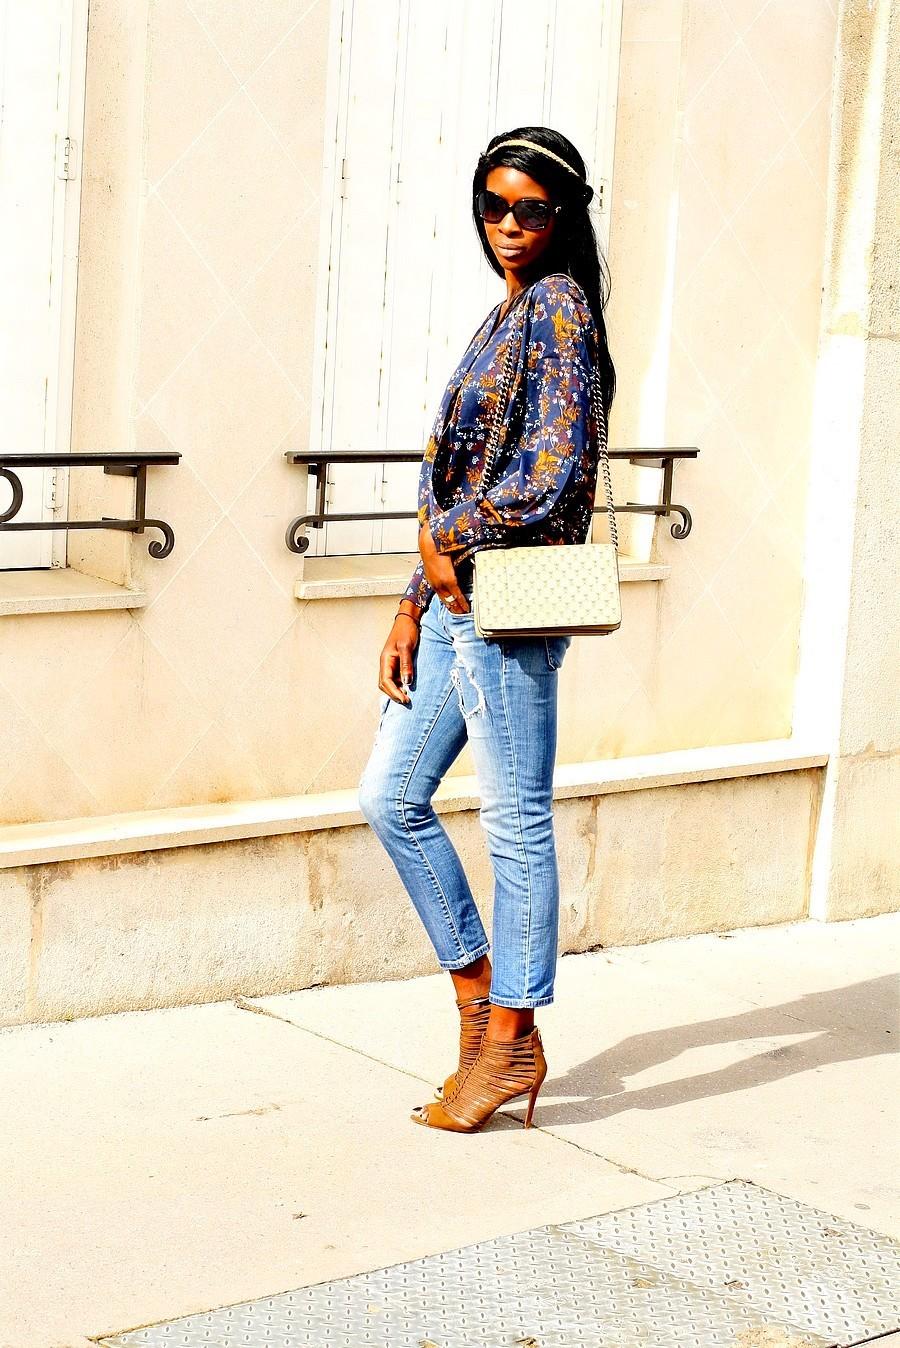 tenue-boheme-chic-headband-top-satin-imprime-fleurs-jeans-dechire-sac-bandouliere-chaine